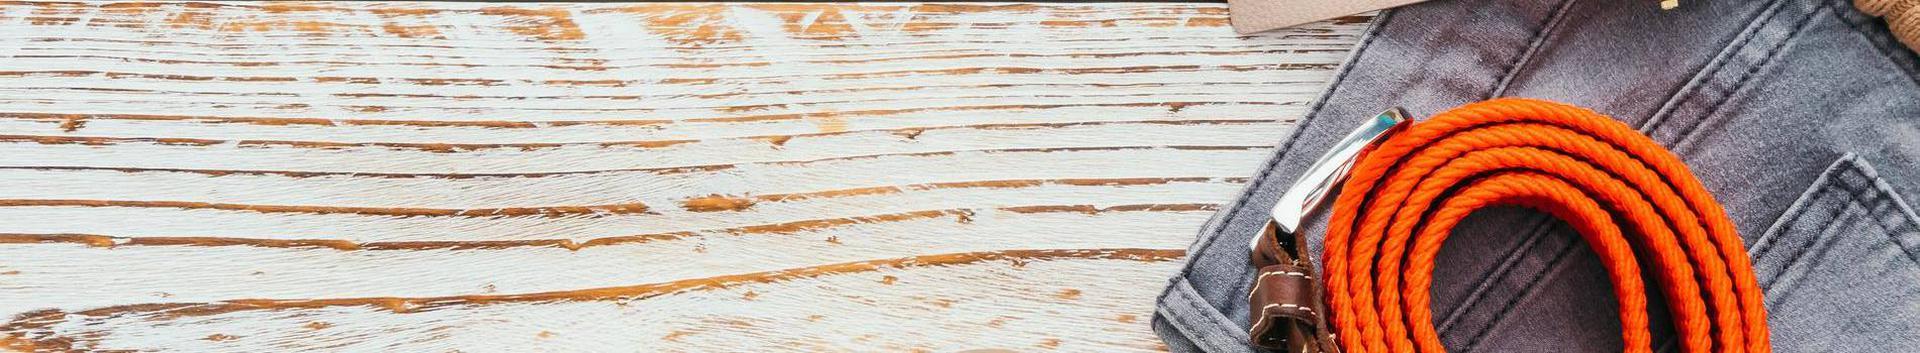 46421_roivaste-ja-roivalisandite-hulgimuuk_45049073_xl.jpg